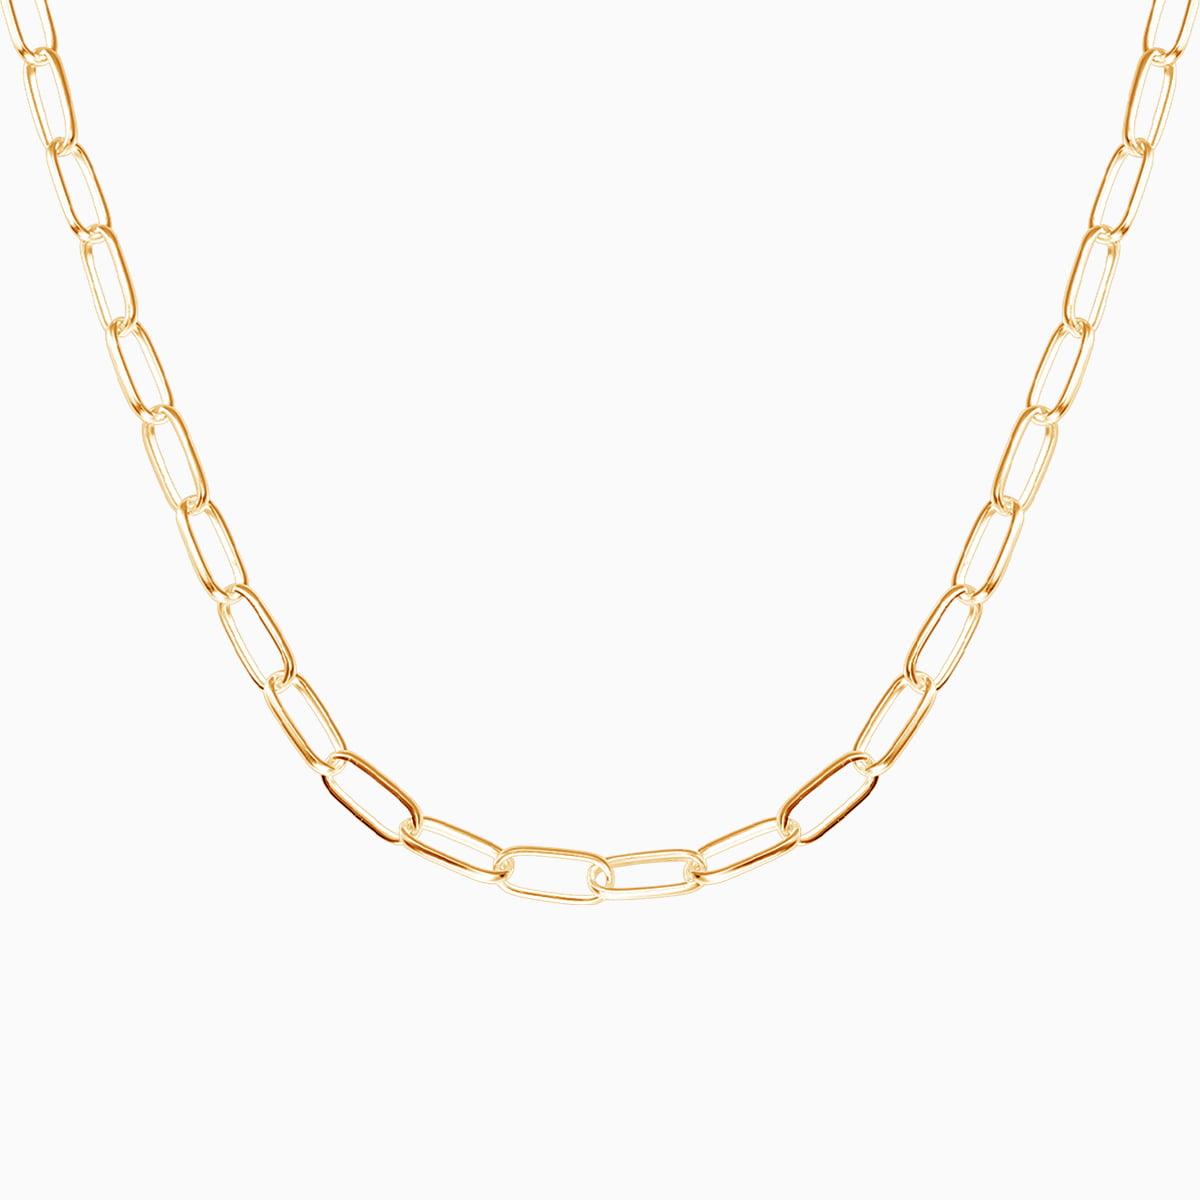 Lant din argint Manissi Chain Gold